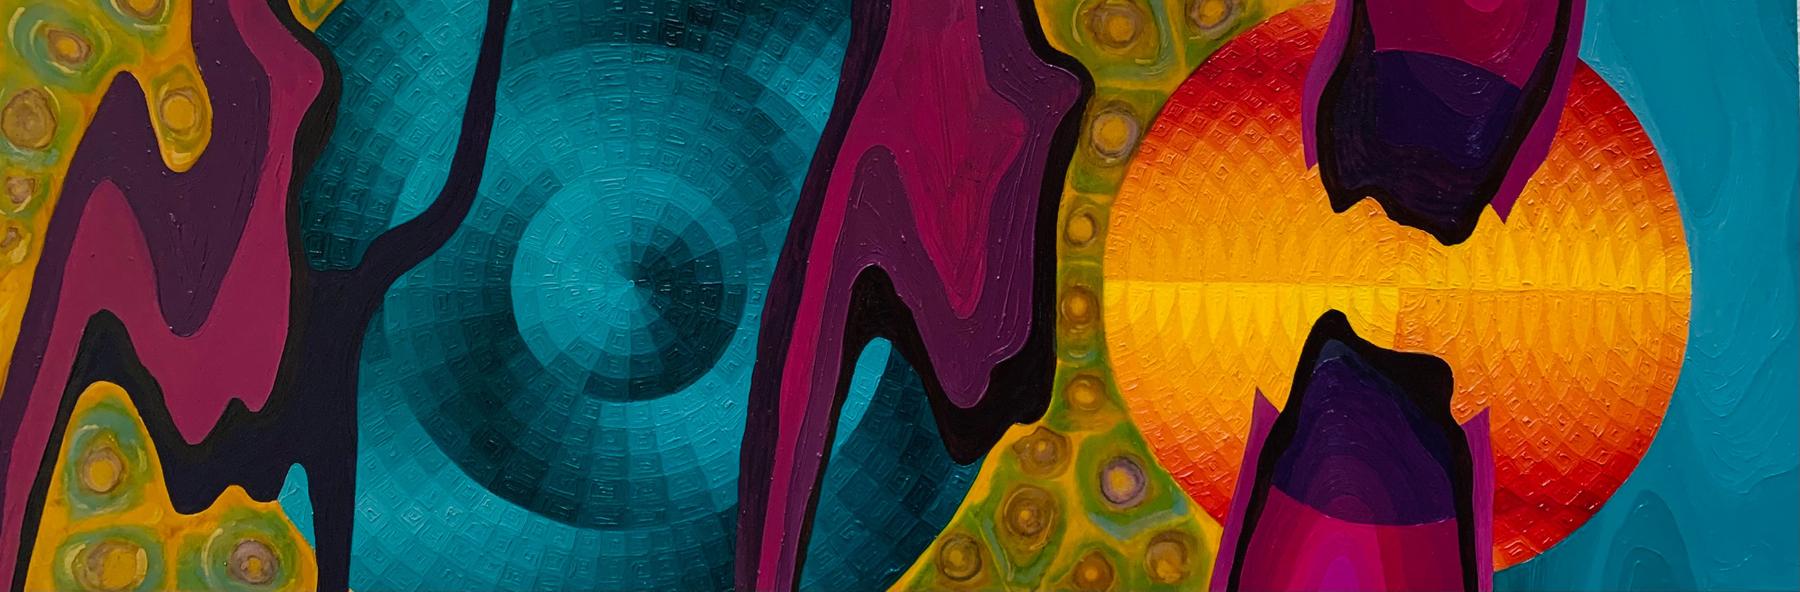 Catalina Salinas: Galaxy Colors